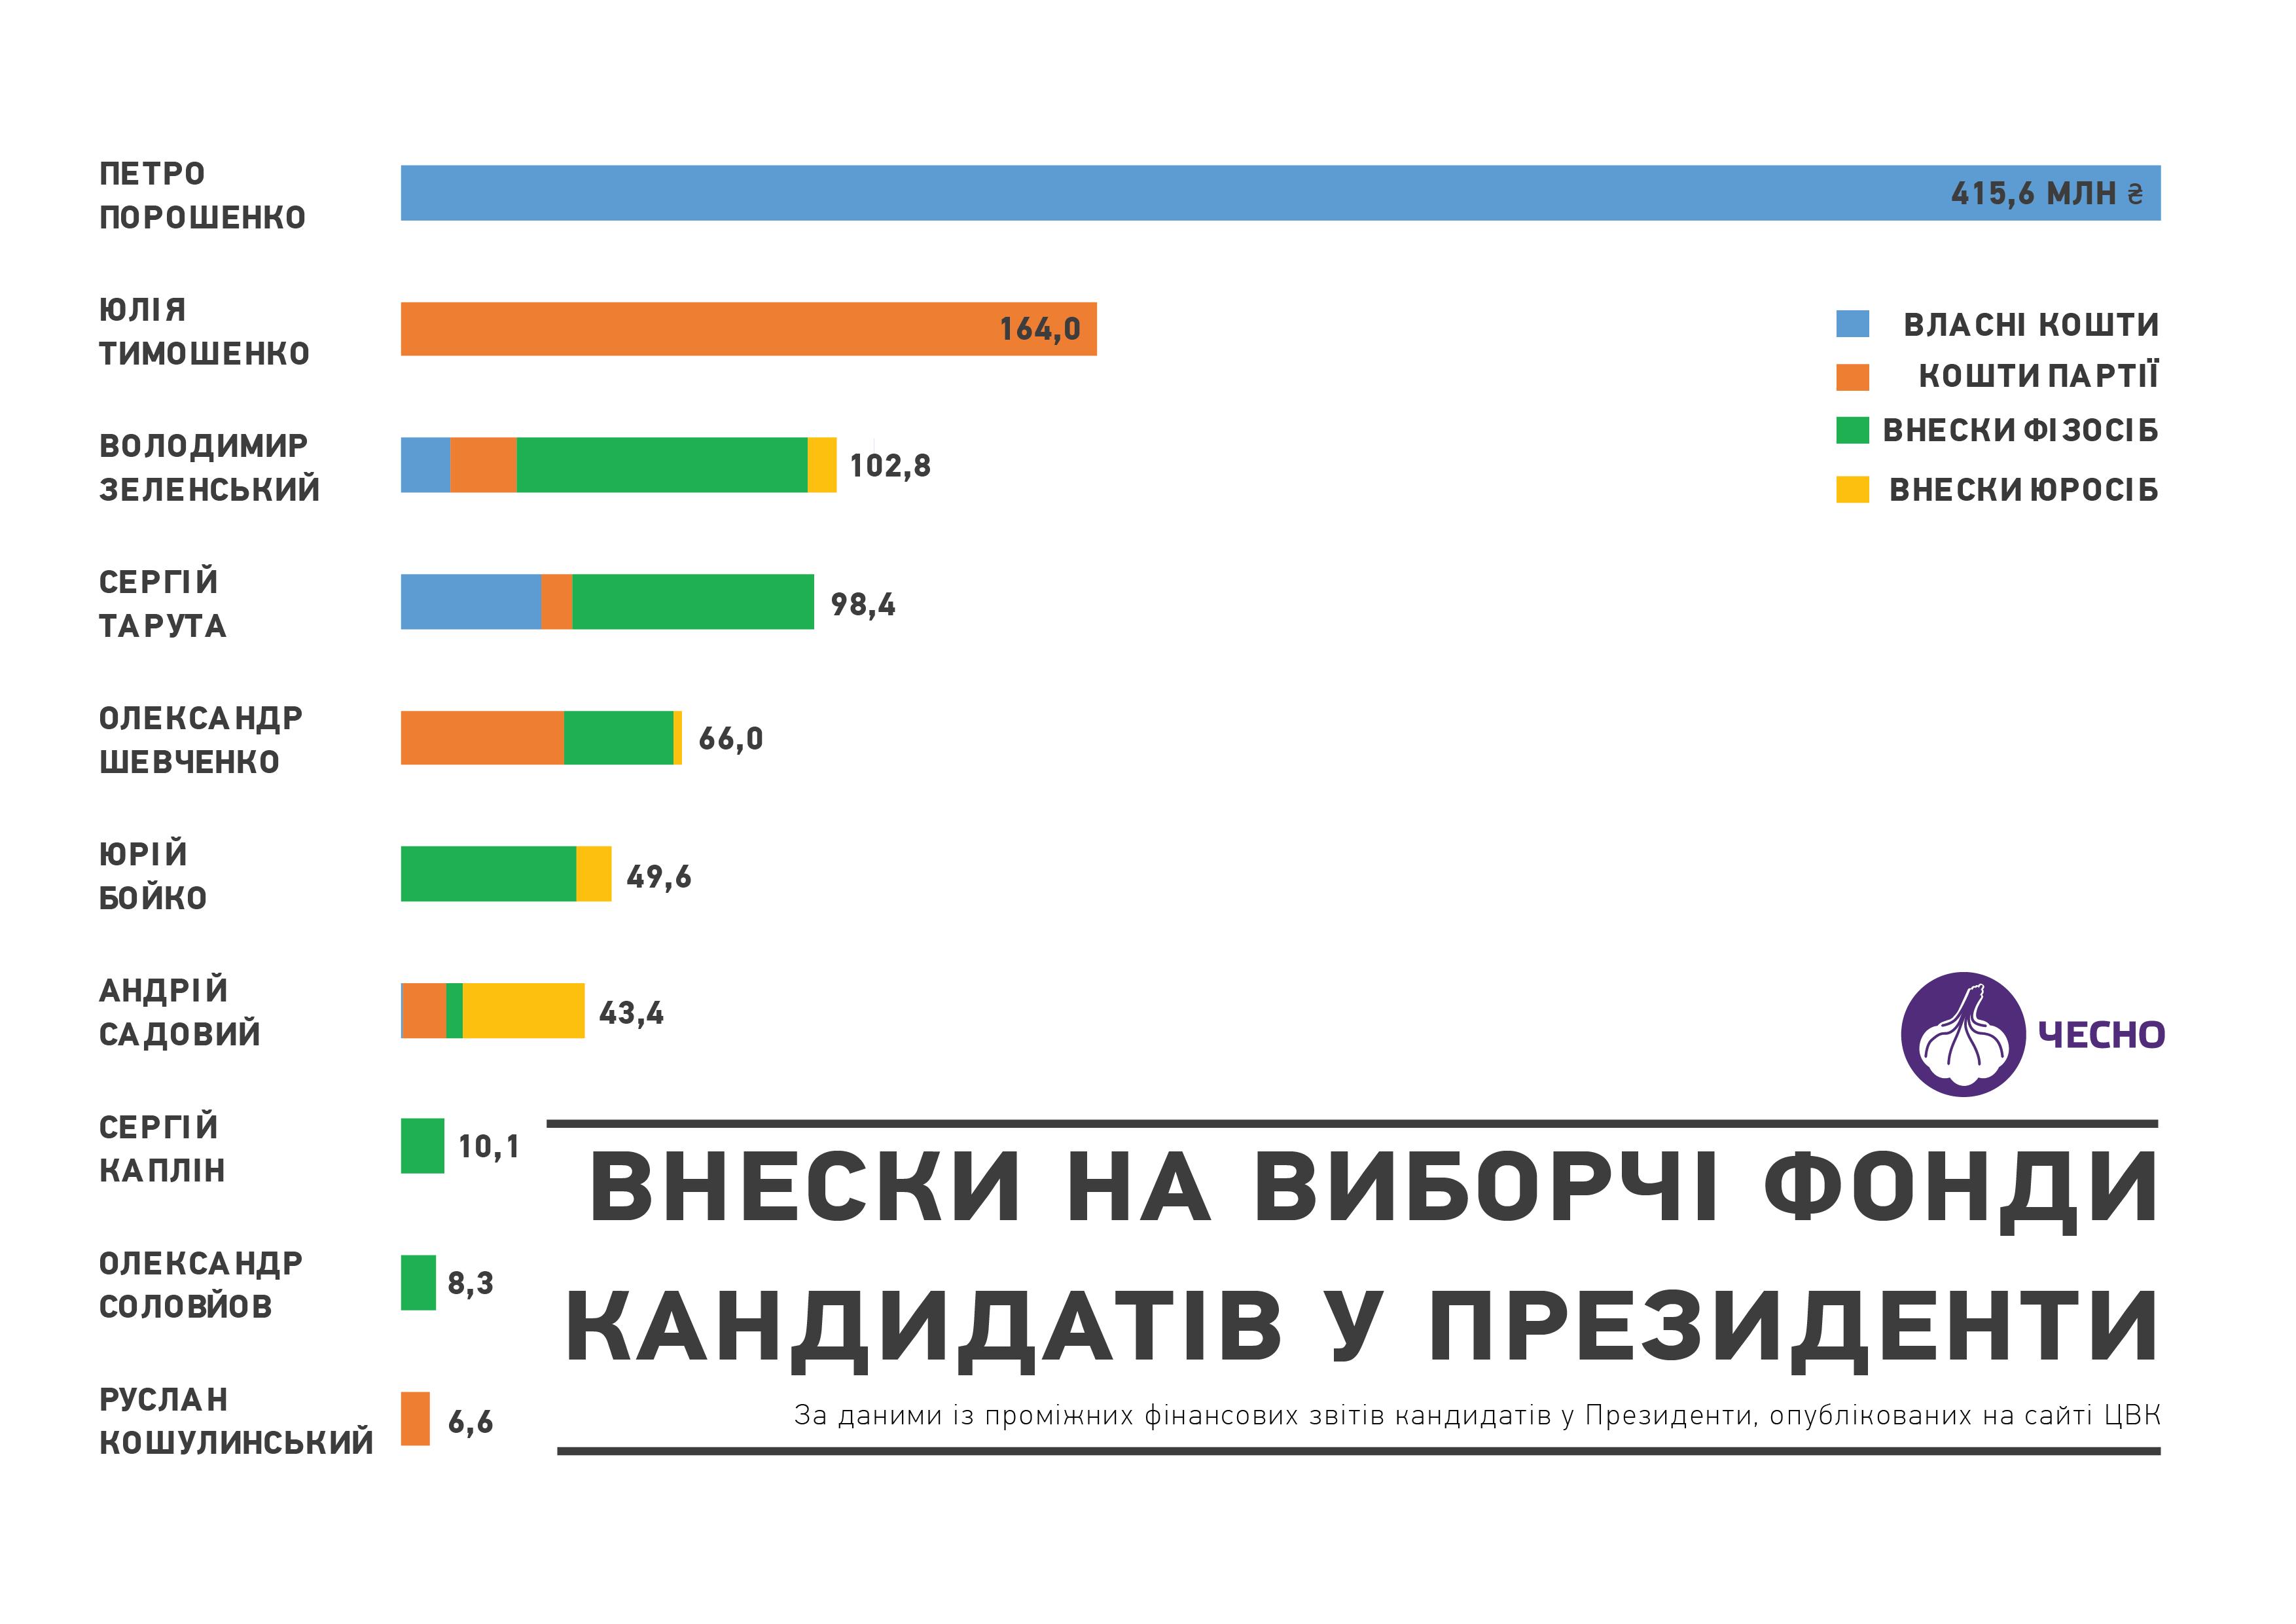 Выборы в 2019 году считаются самыми финансово затратными